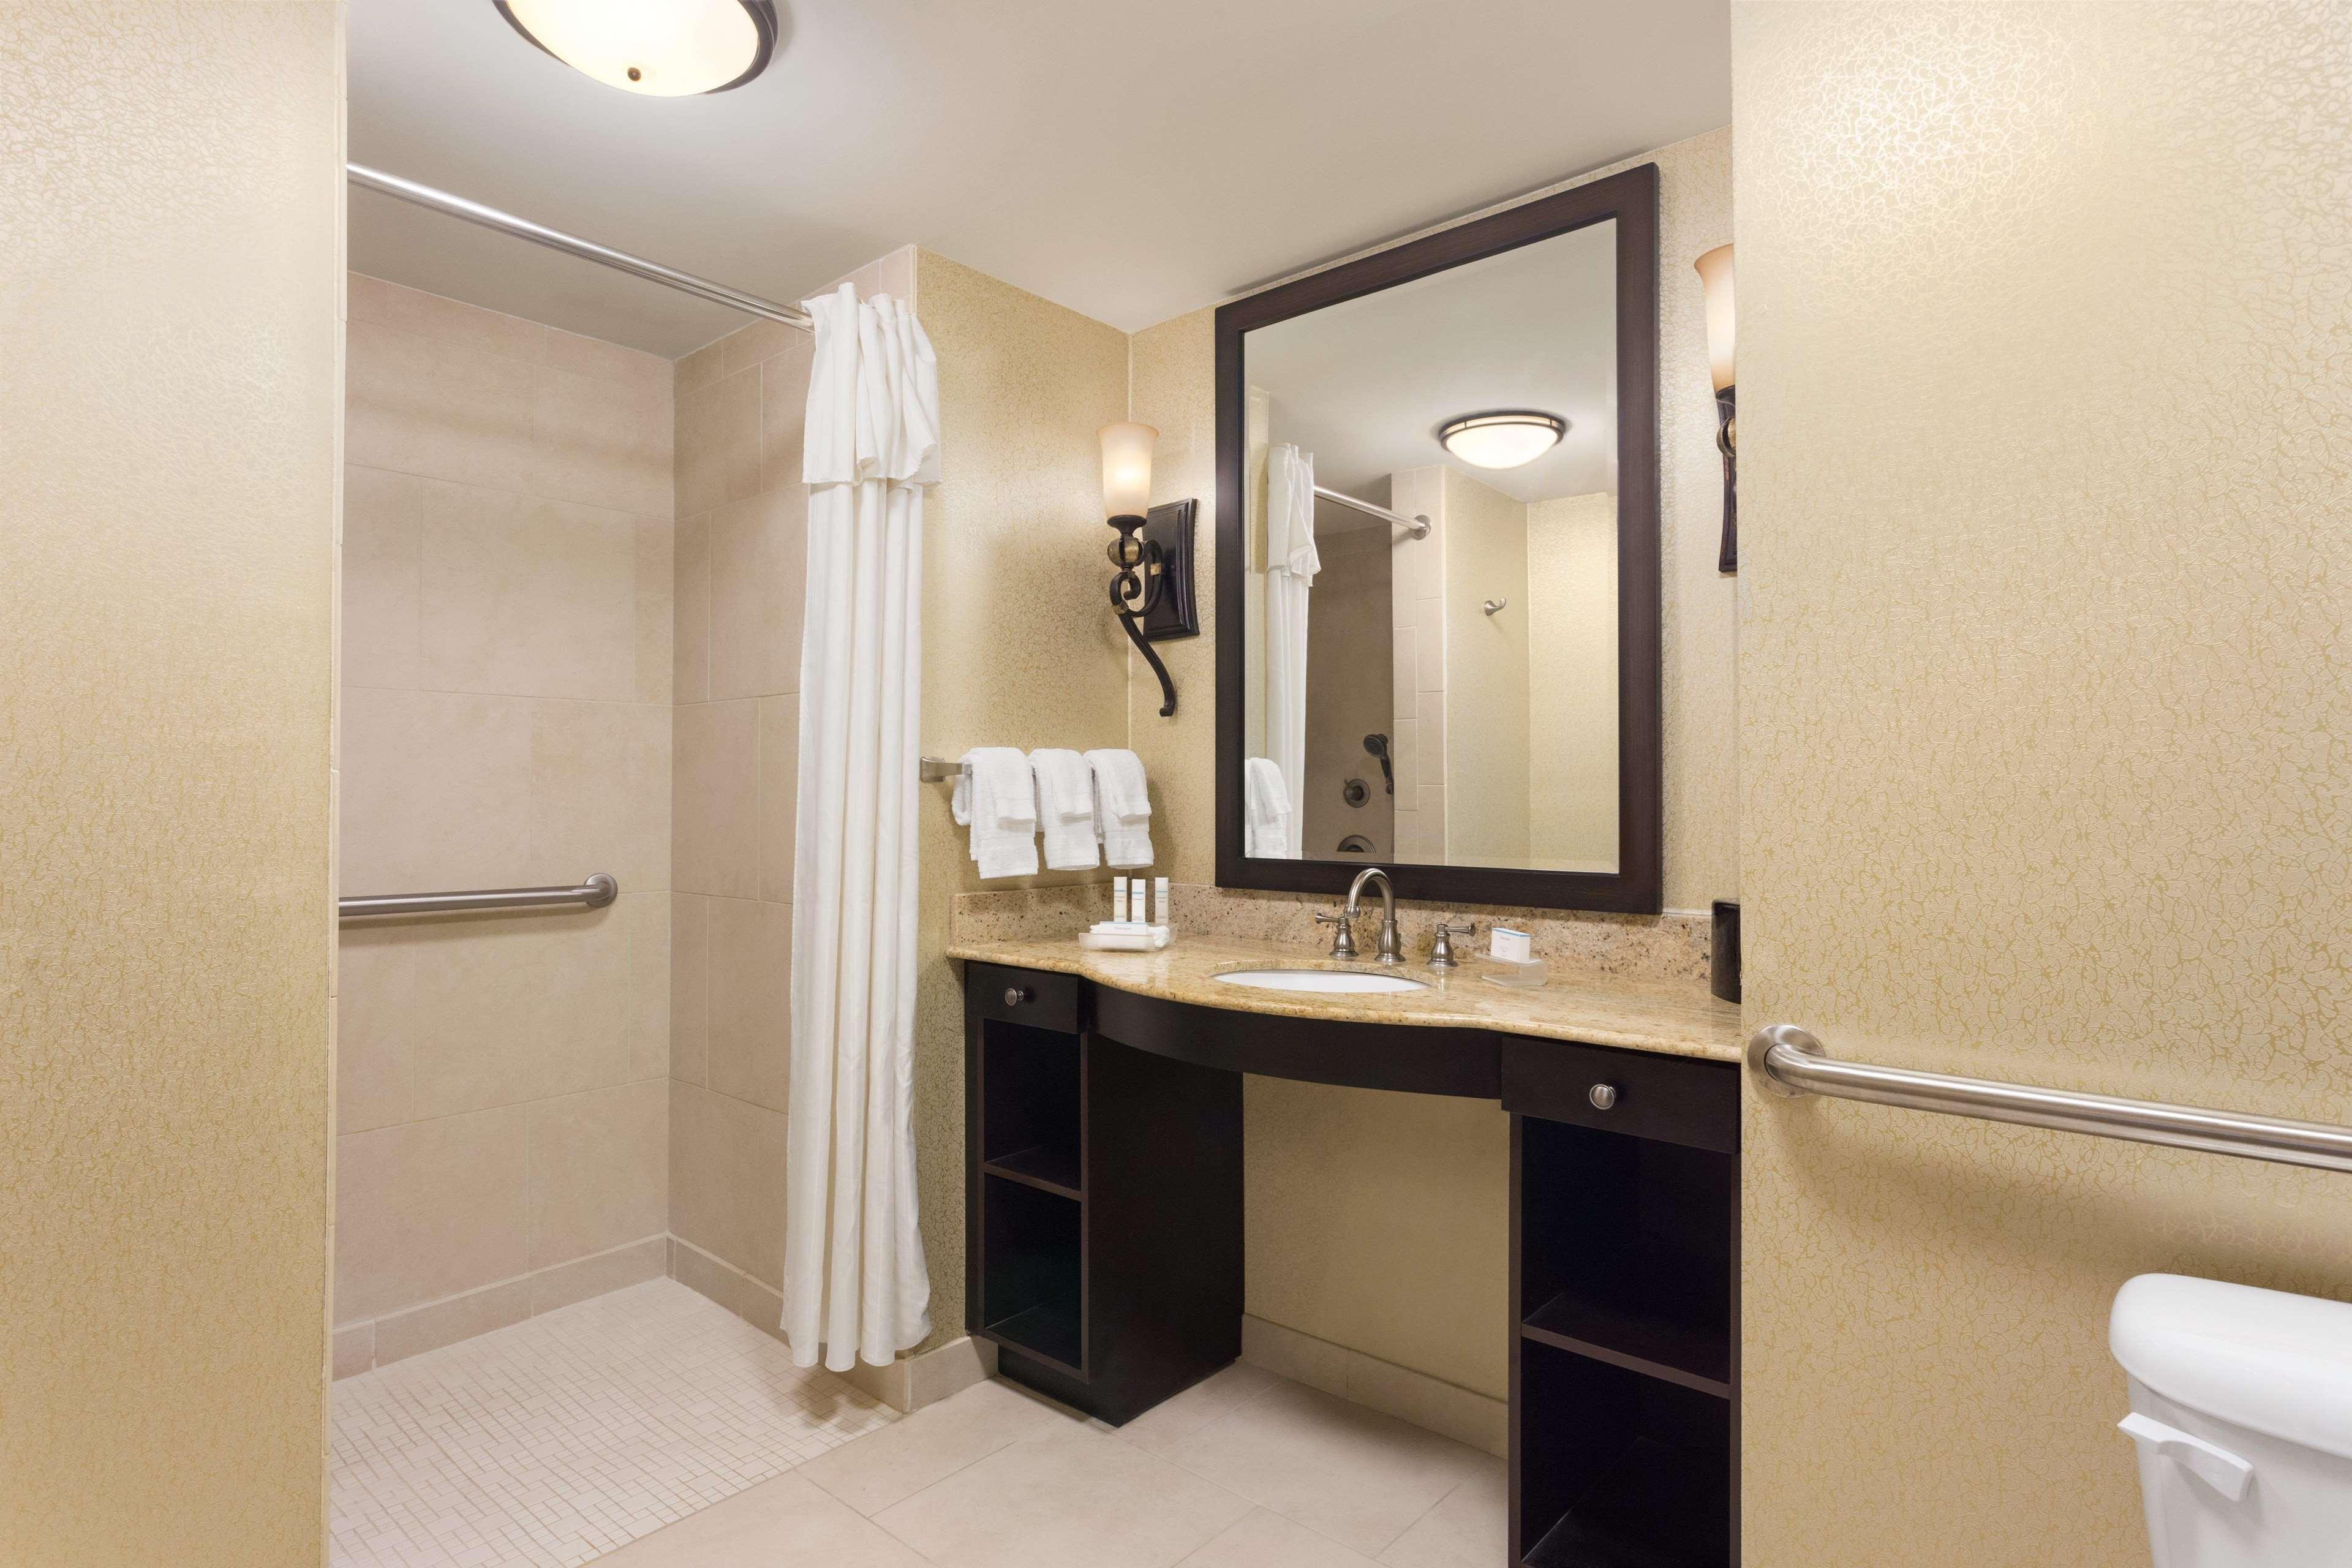 Homewood Suites by Hilton Lafayette-Airport, LA image 24